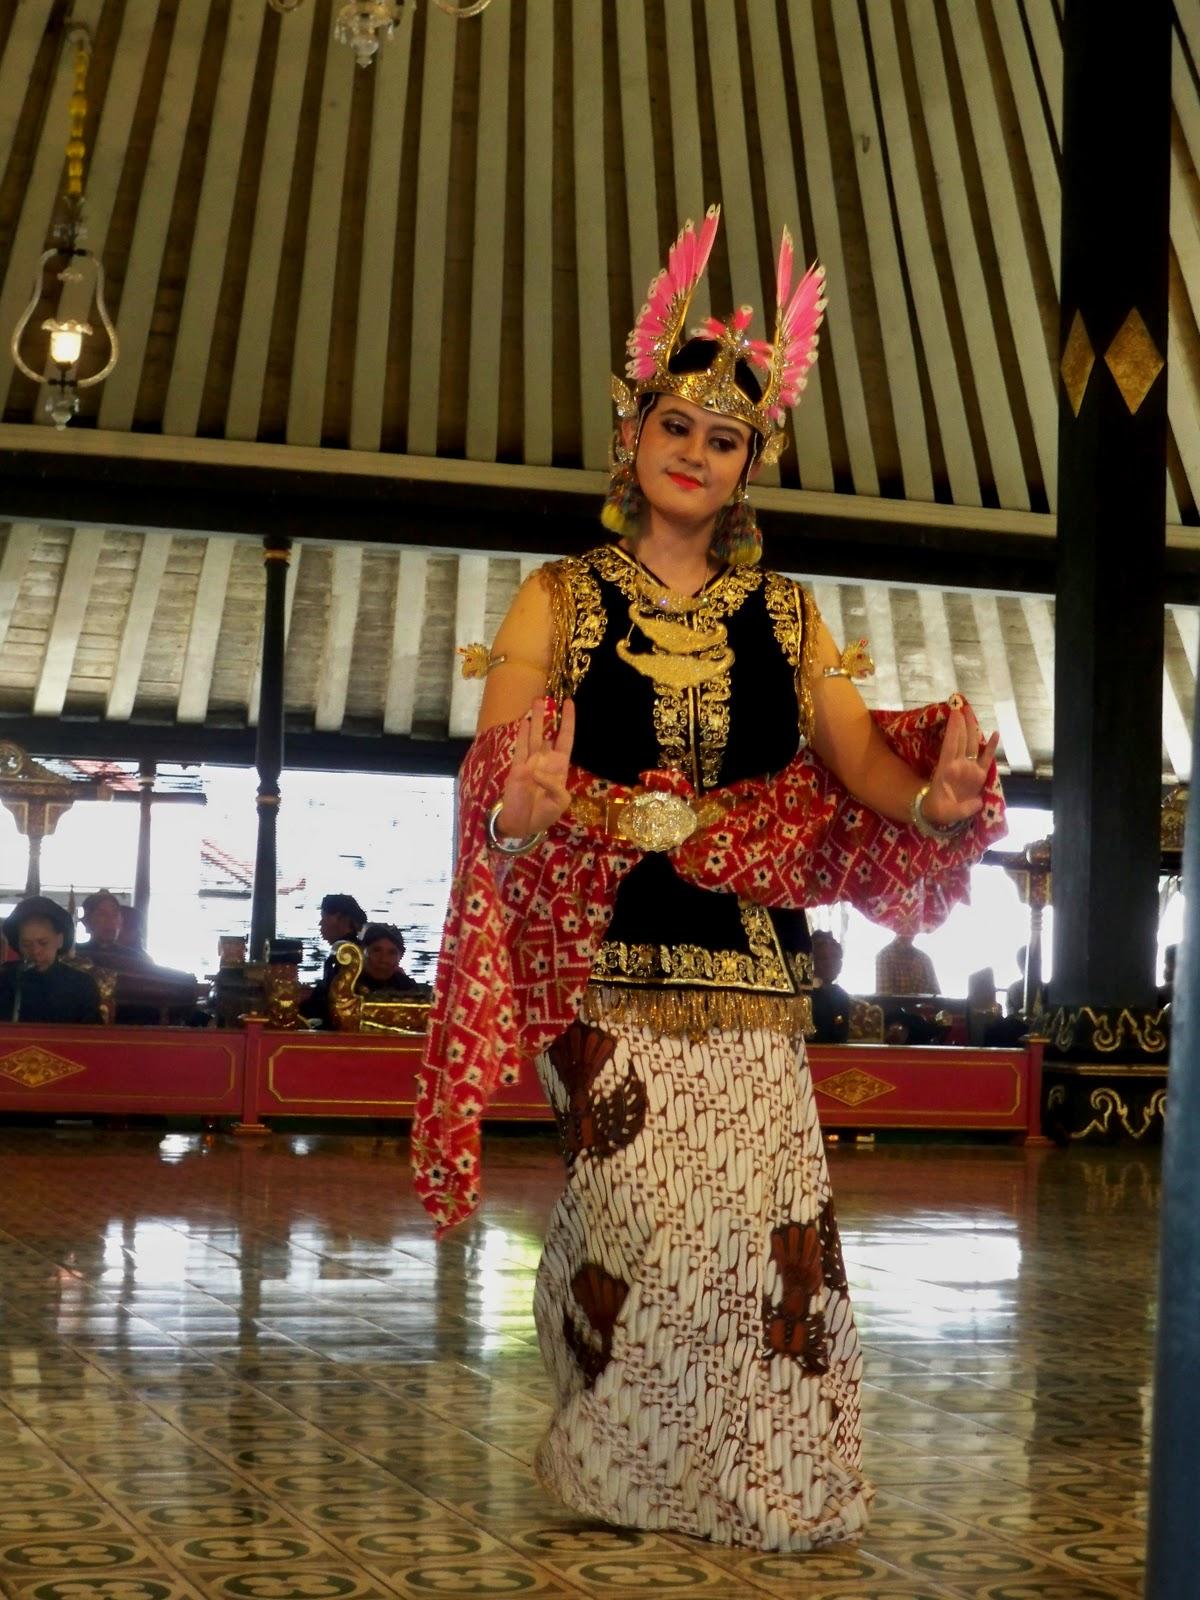 Seni Pertunjukan Tradisional Jawa Tengah : pertunjukan, tradisional, tengah, Ragam, Budaya, Indonesia:, TRADISIONAL, YOGYAKARTA